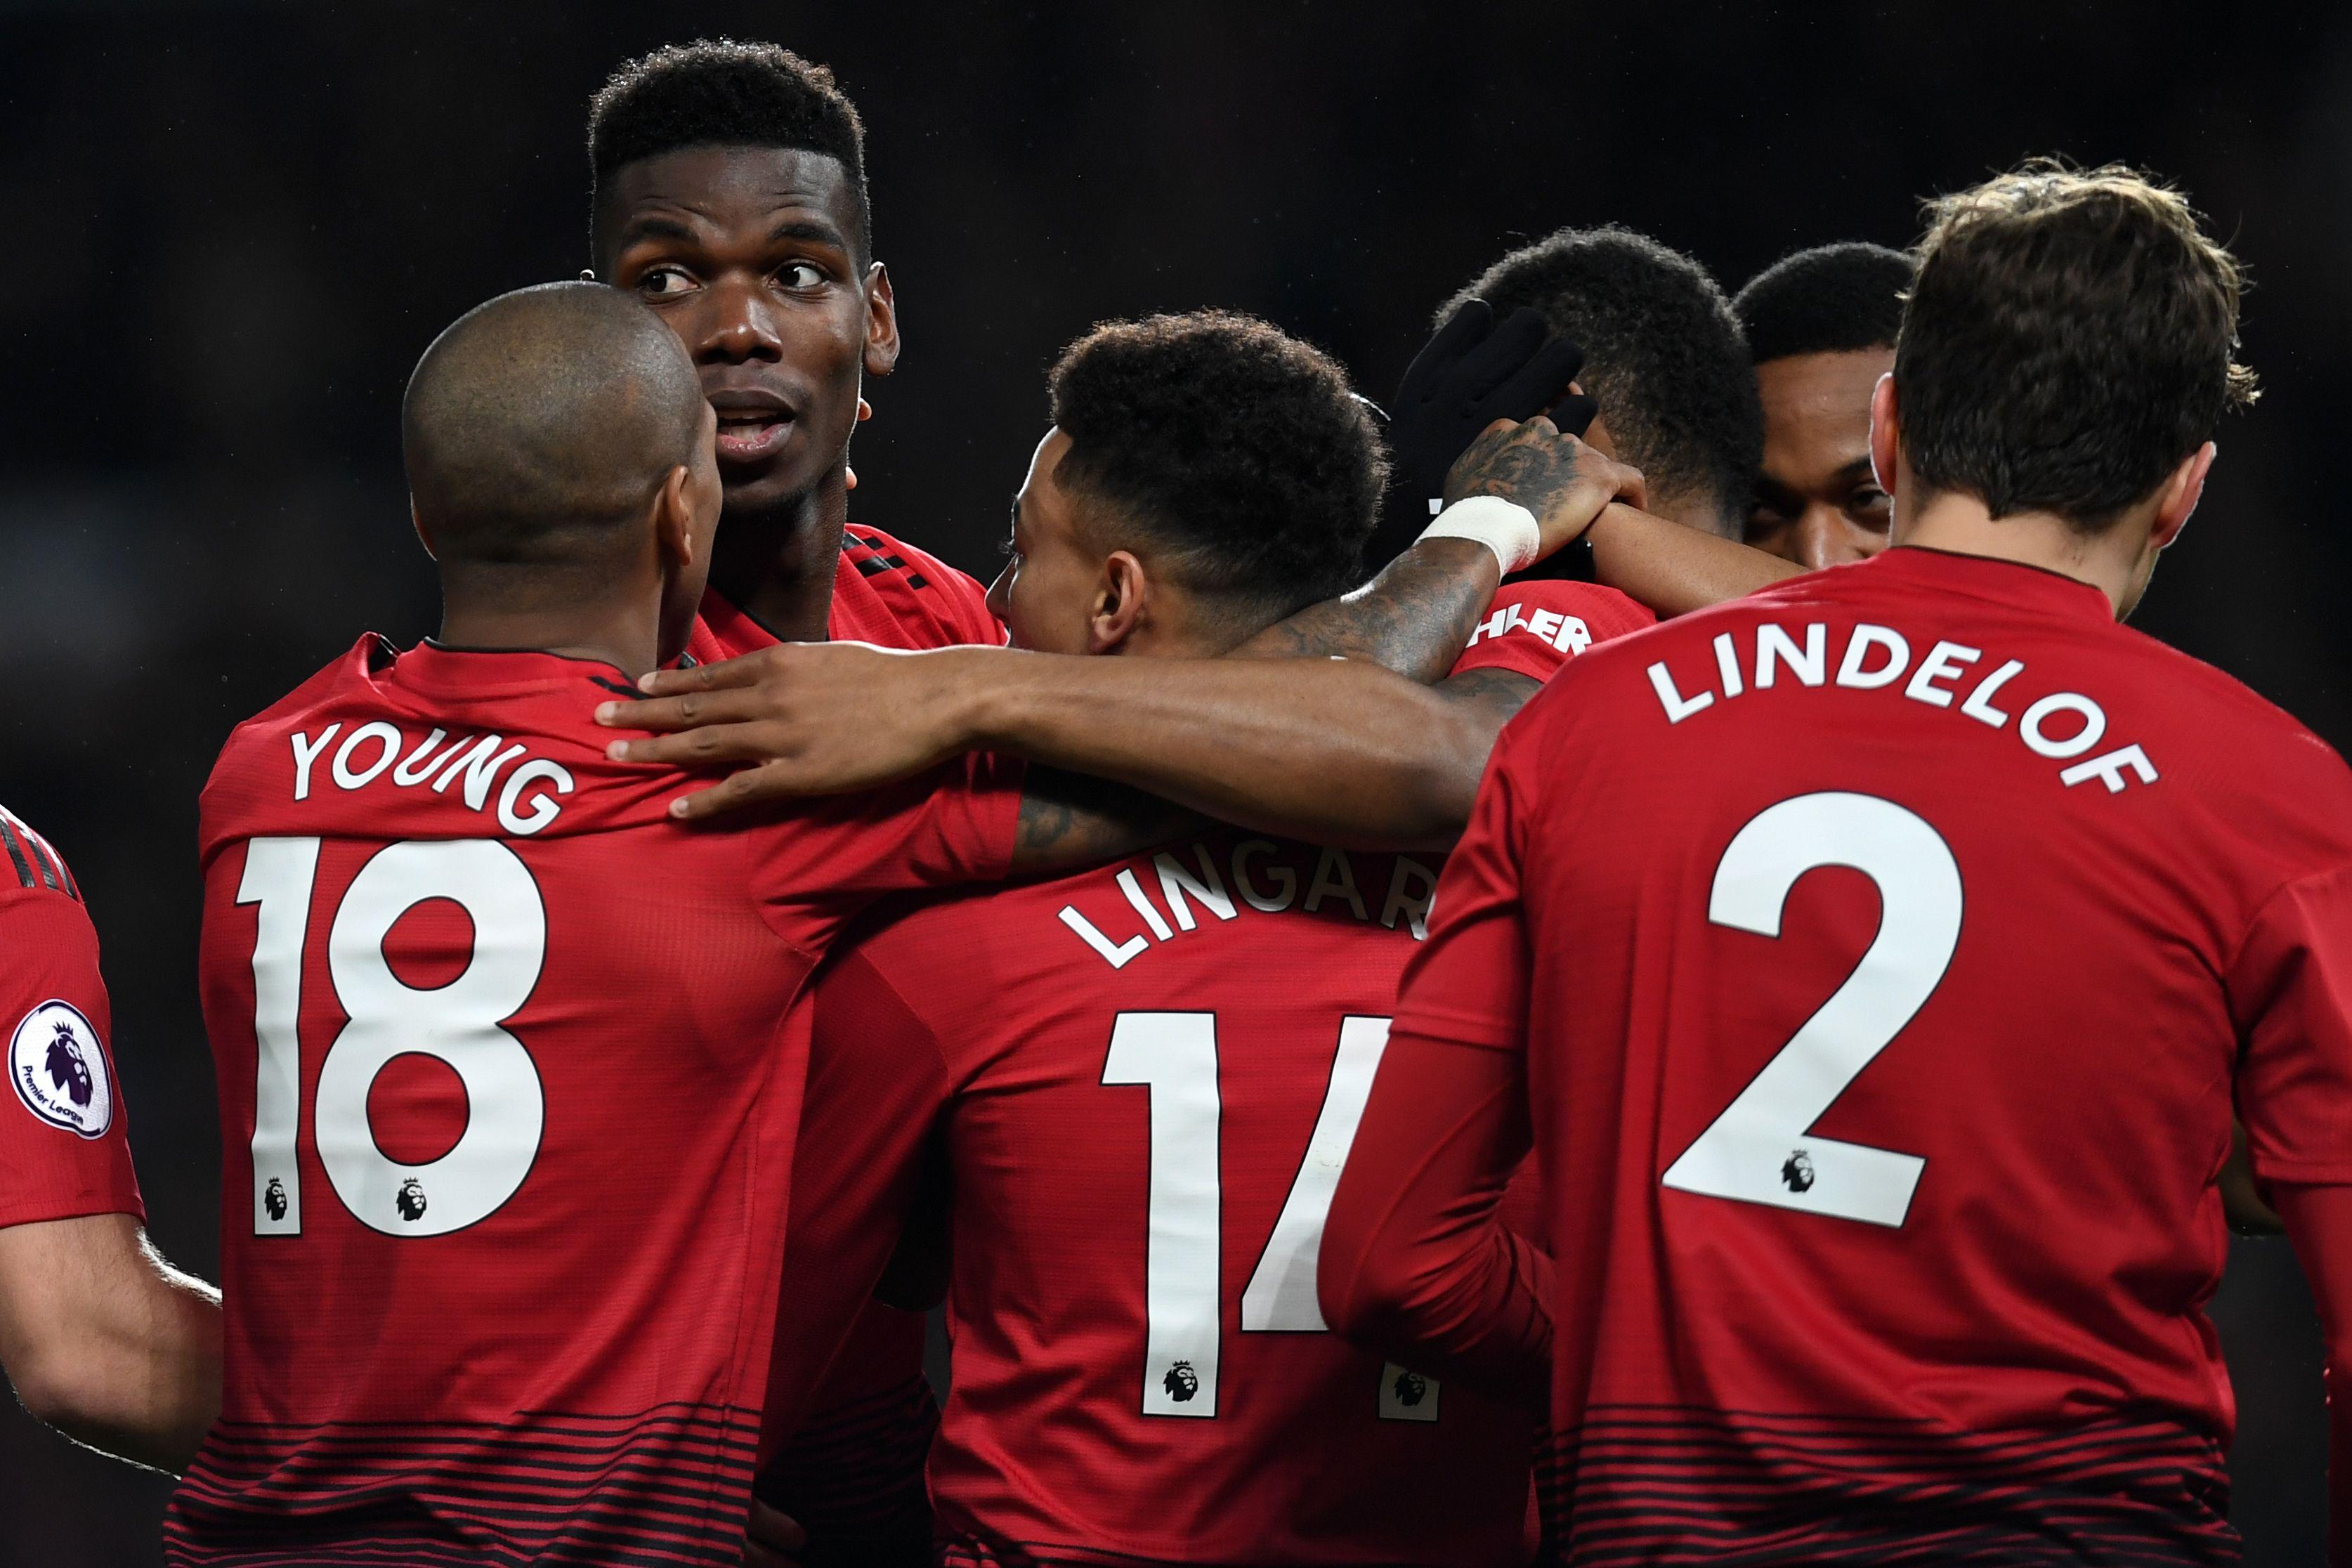 曼联取得3连胜 总共轰入12球 场均4球